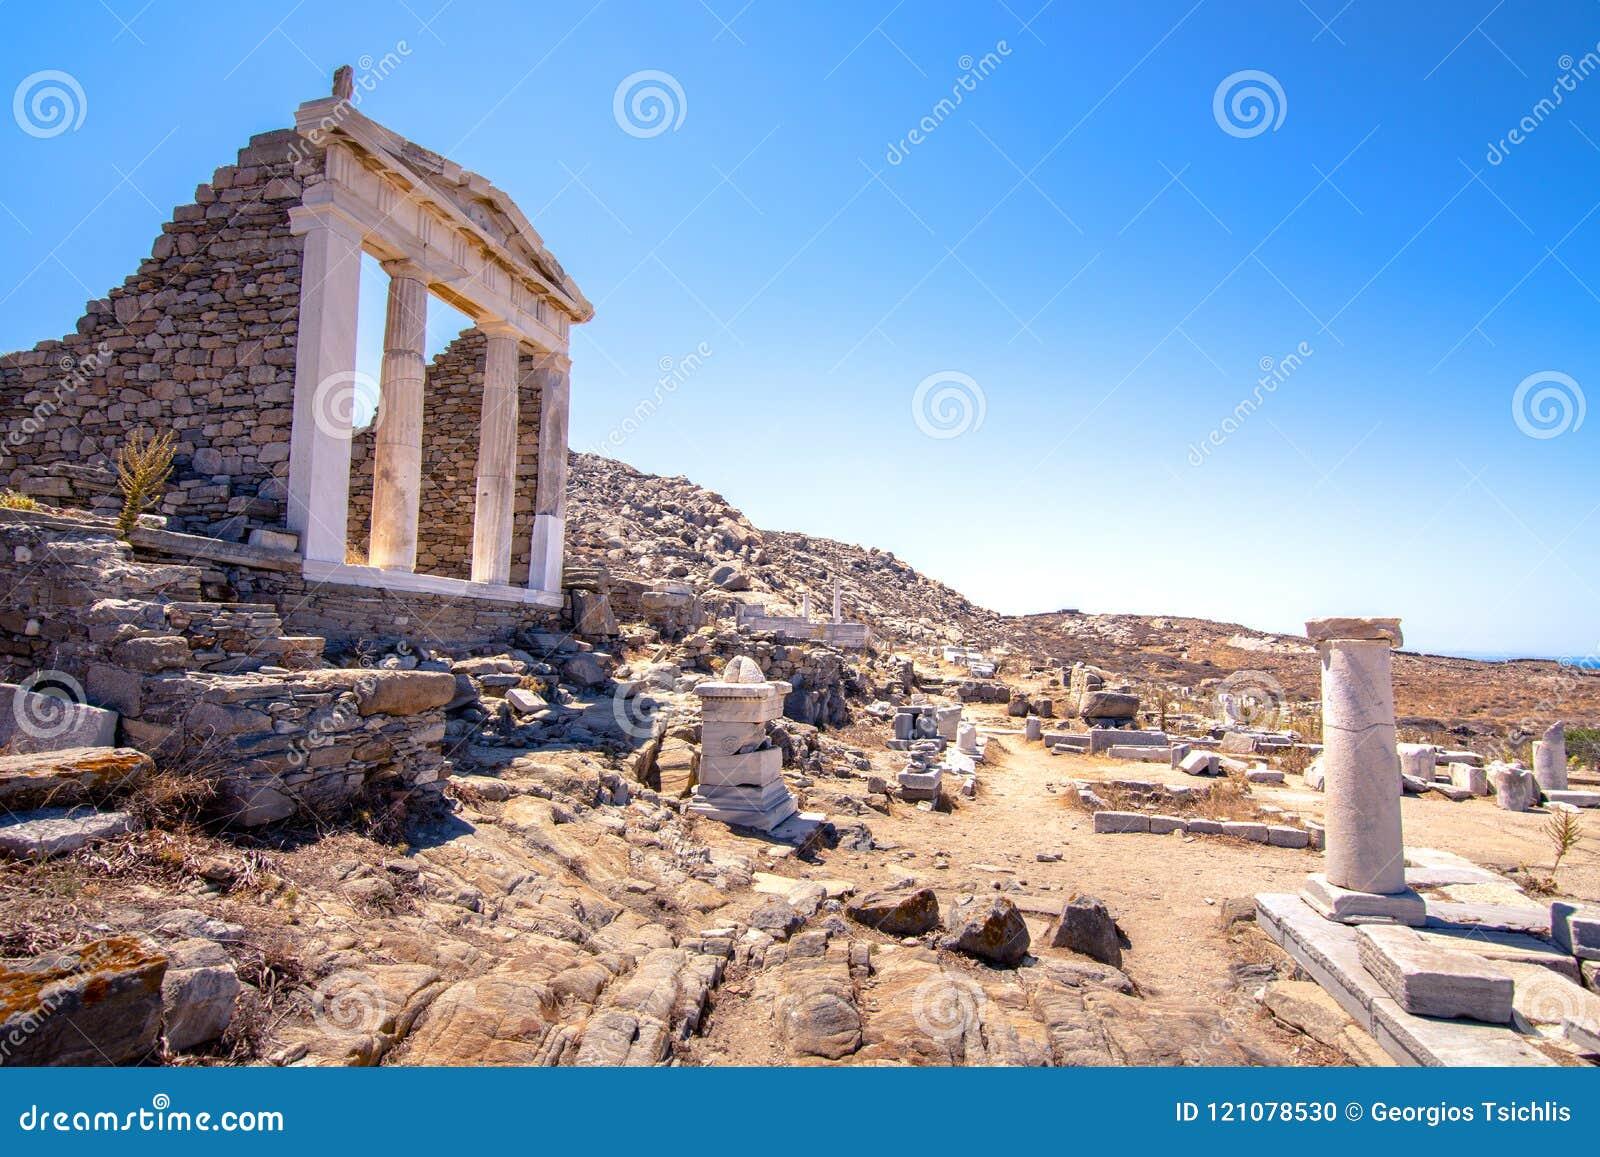 Oude ruïnes in het Eiland Delos in Cycladen, één van de belangrijkste mythologische, historische en archeologische plaatsen